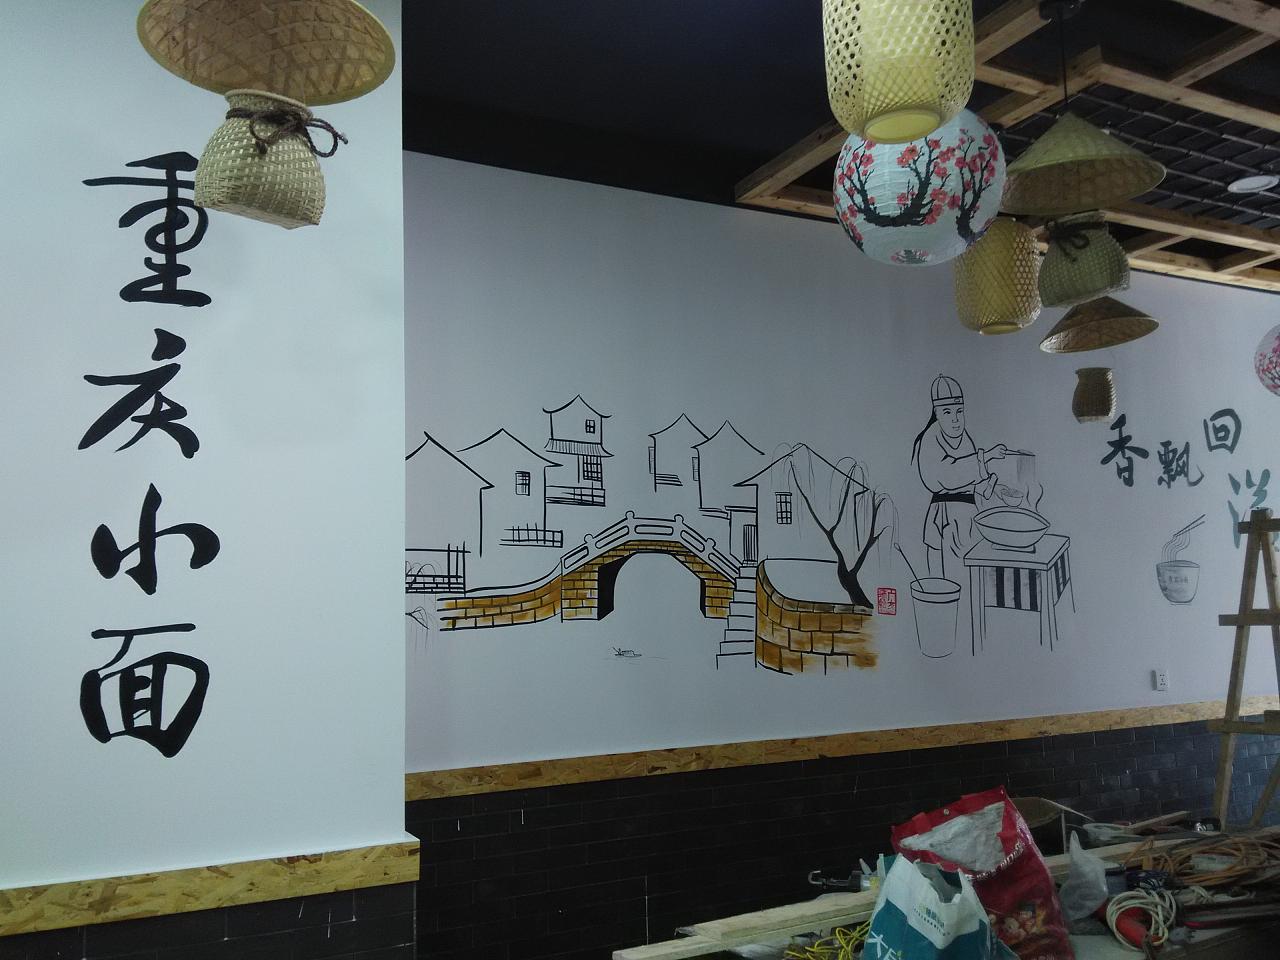 太原餐厅墙画 太原重庆面饭店彩绘墙 太原手绘墙 饭店装修墙绘